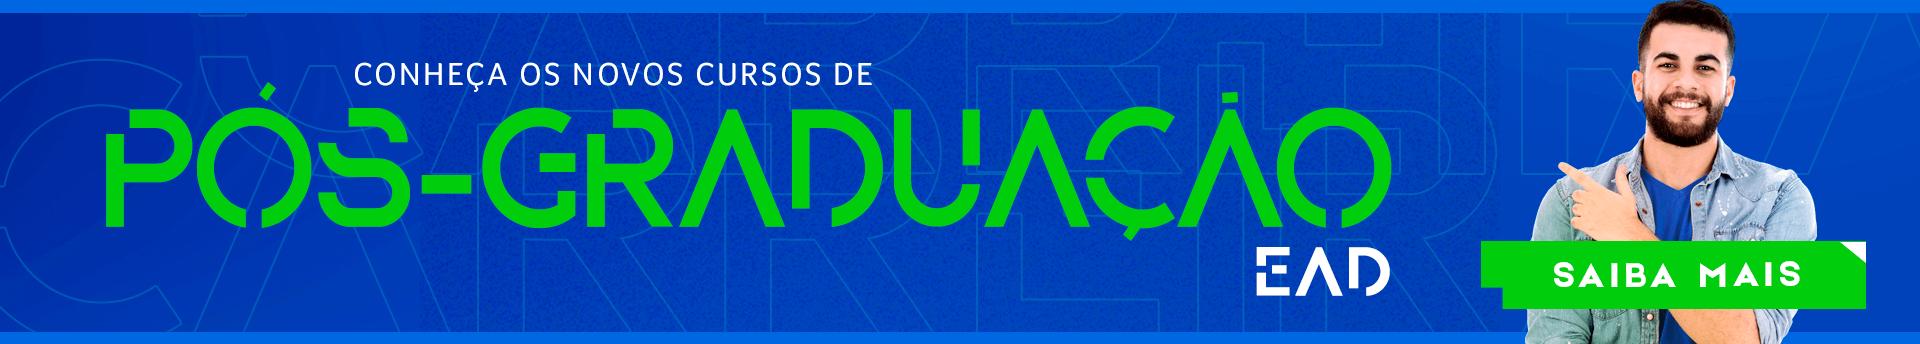 Conheça os novos cursos UNIDERP de Pós- Graduação EAD, saiba mais!